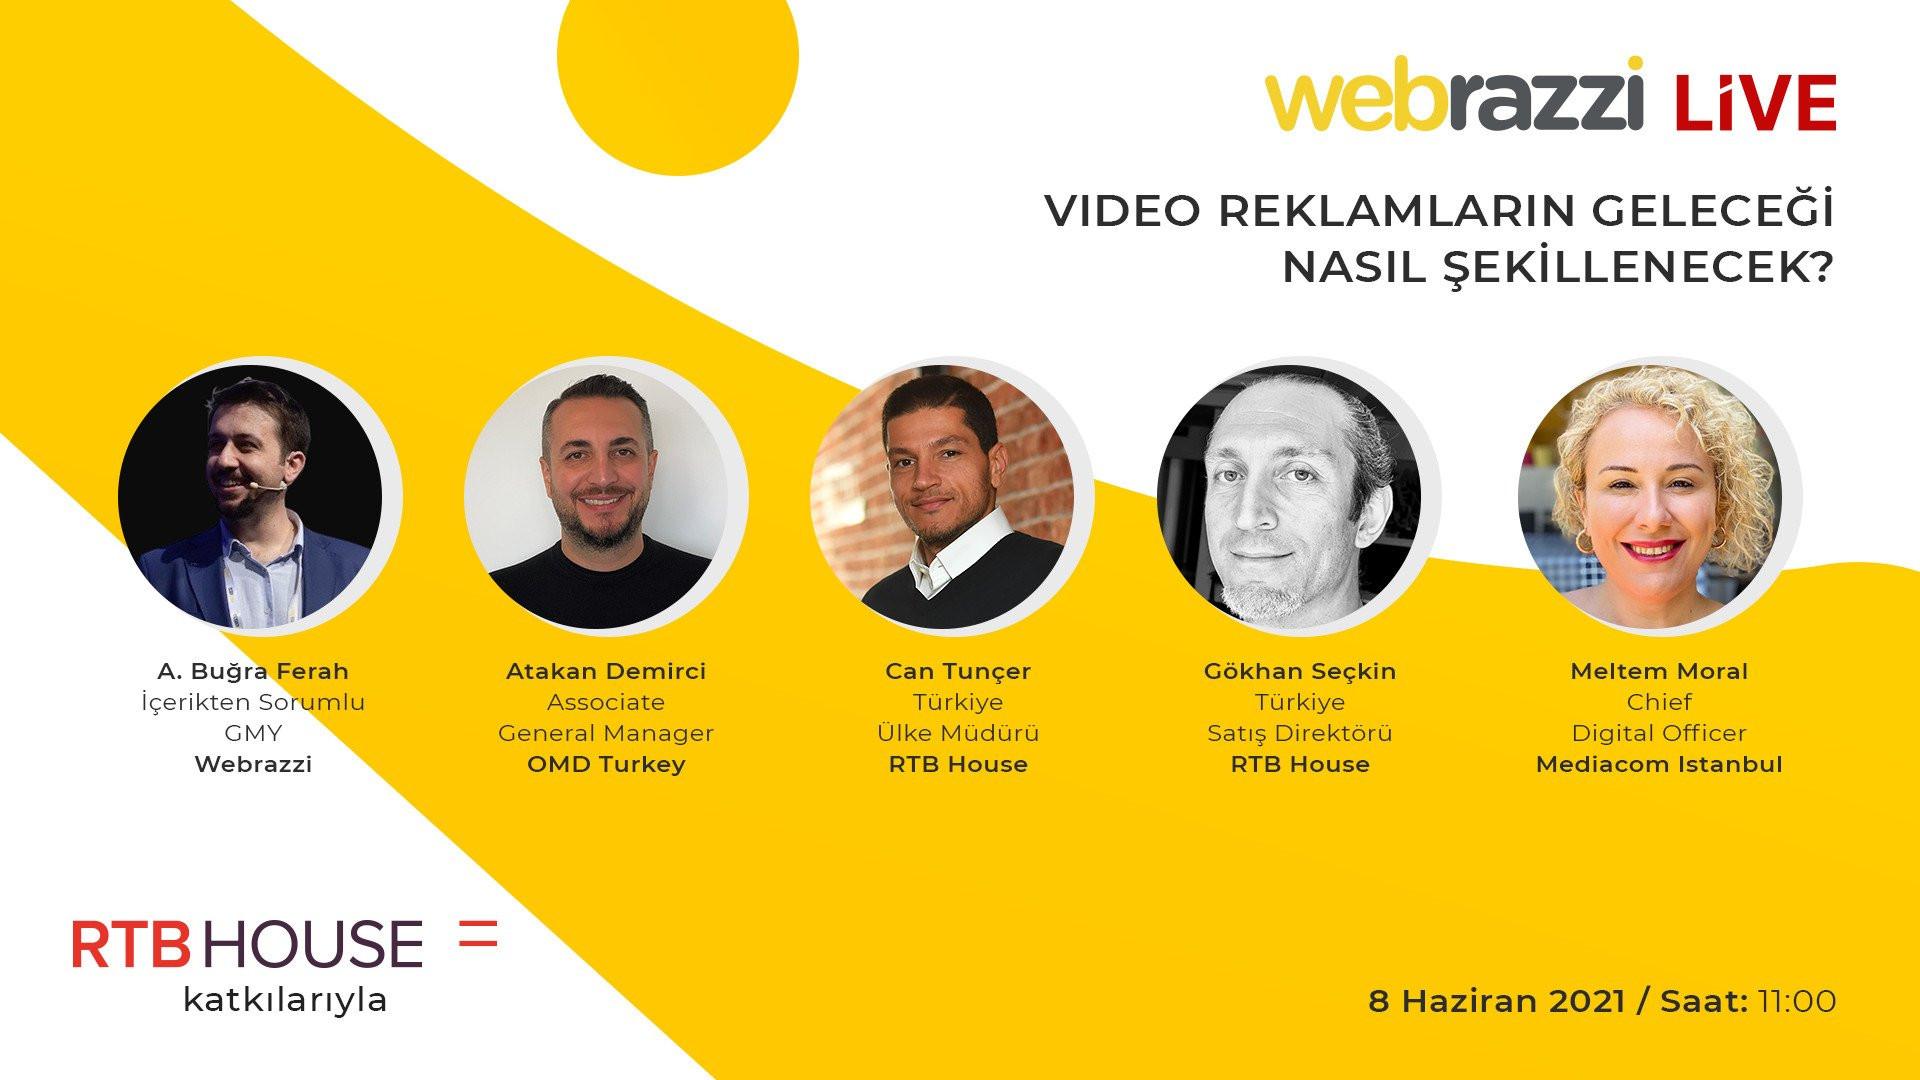 Video reklamlarının geleceğine dair tüm detayları, 8 Haziran'da gerçekleşecek canlı yayınımızda konuşacağız